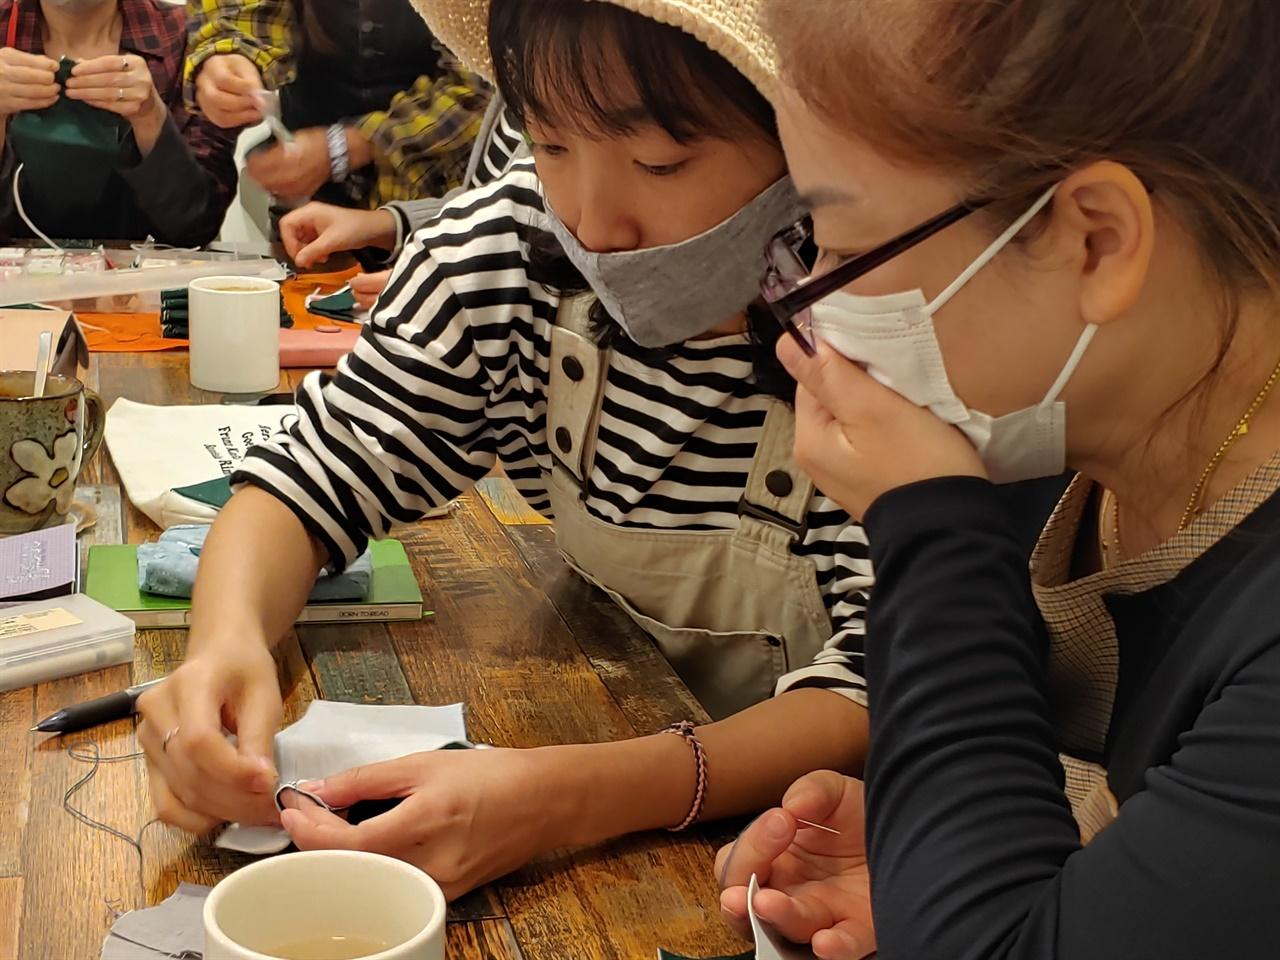 바느질을 하고 있는 참가자들의 모습